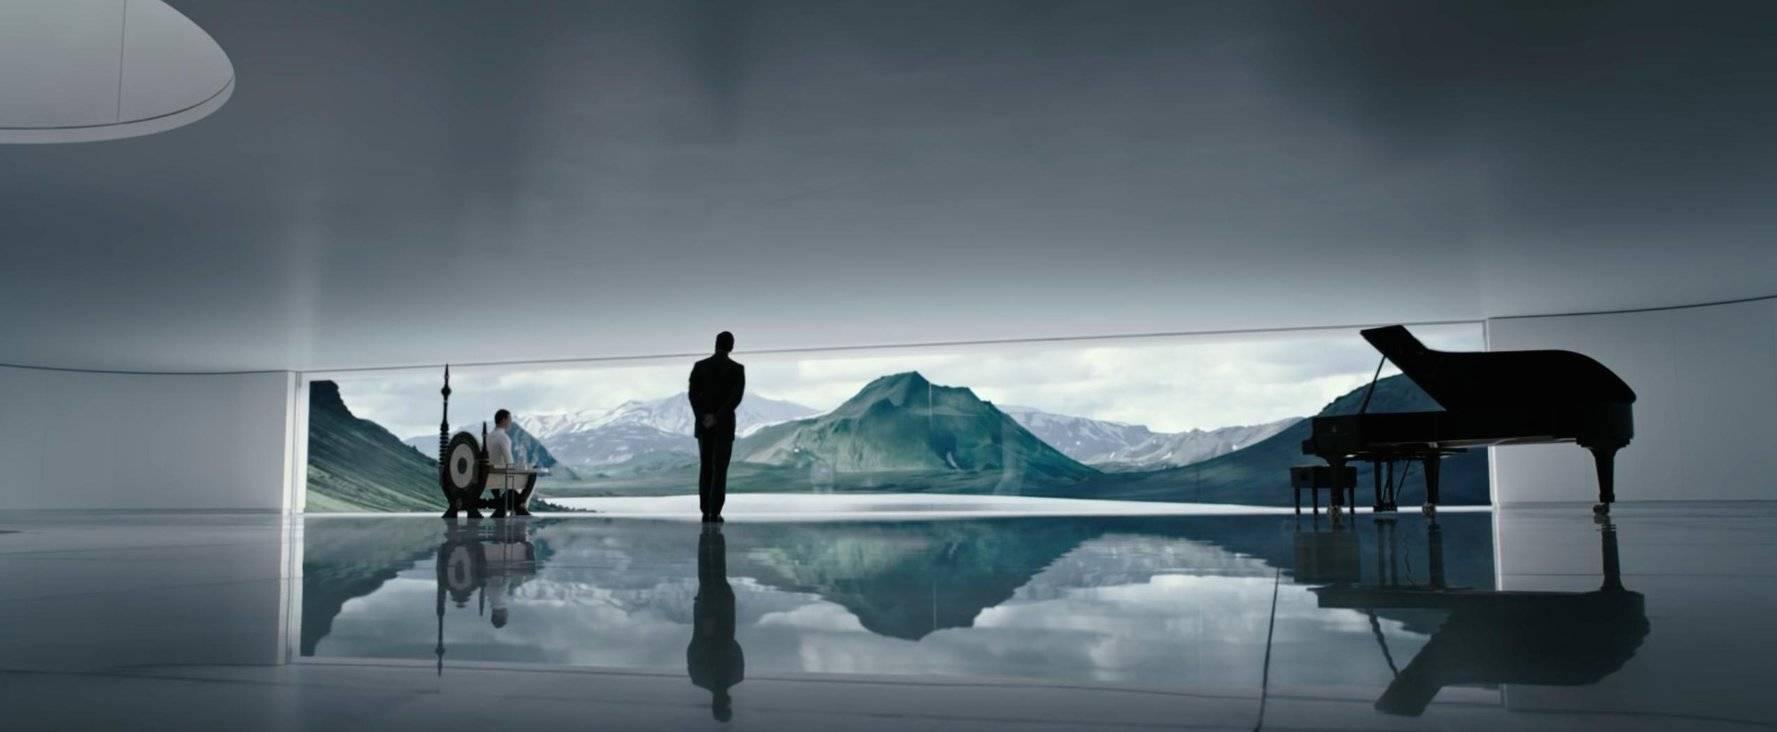 «Ридли Скотт вернулся к корням»: первые отзывы на фильм «Чужой: Завет» 3